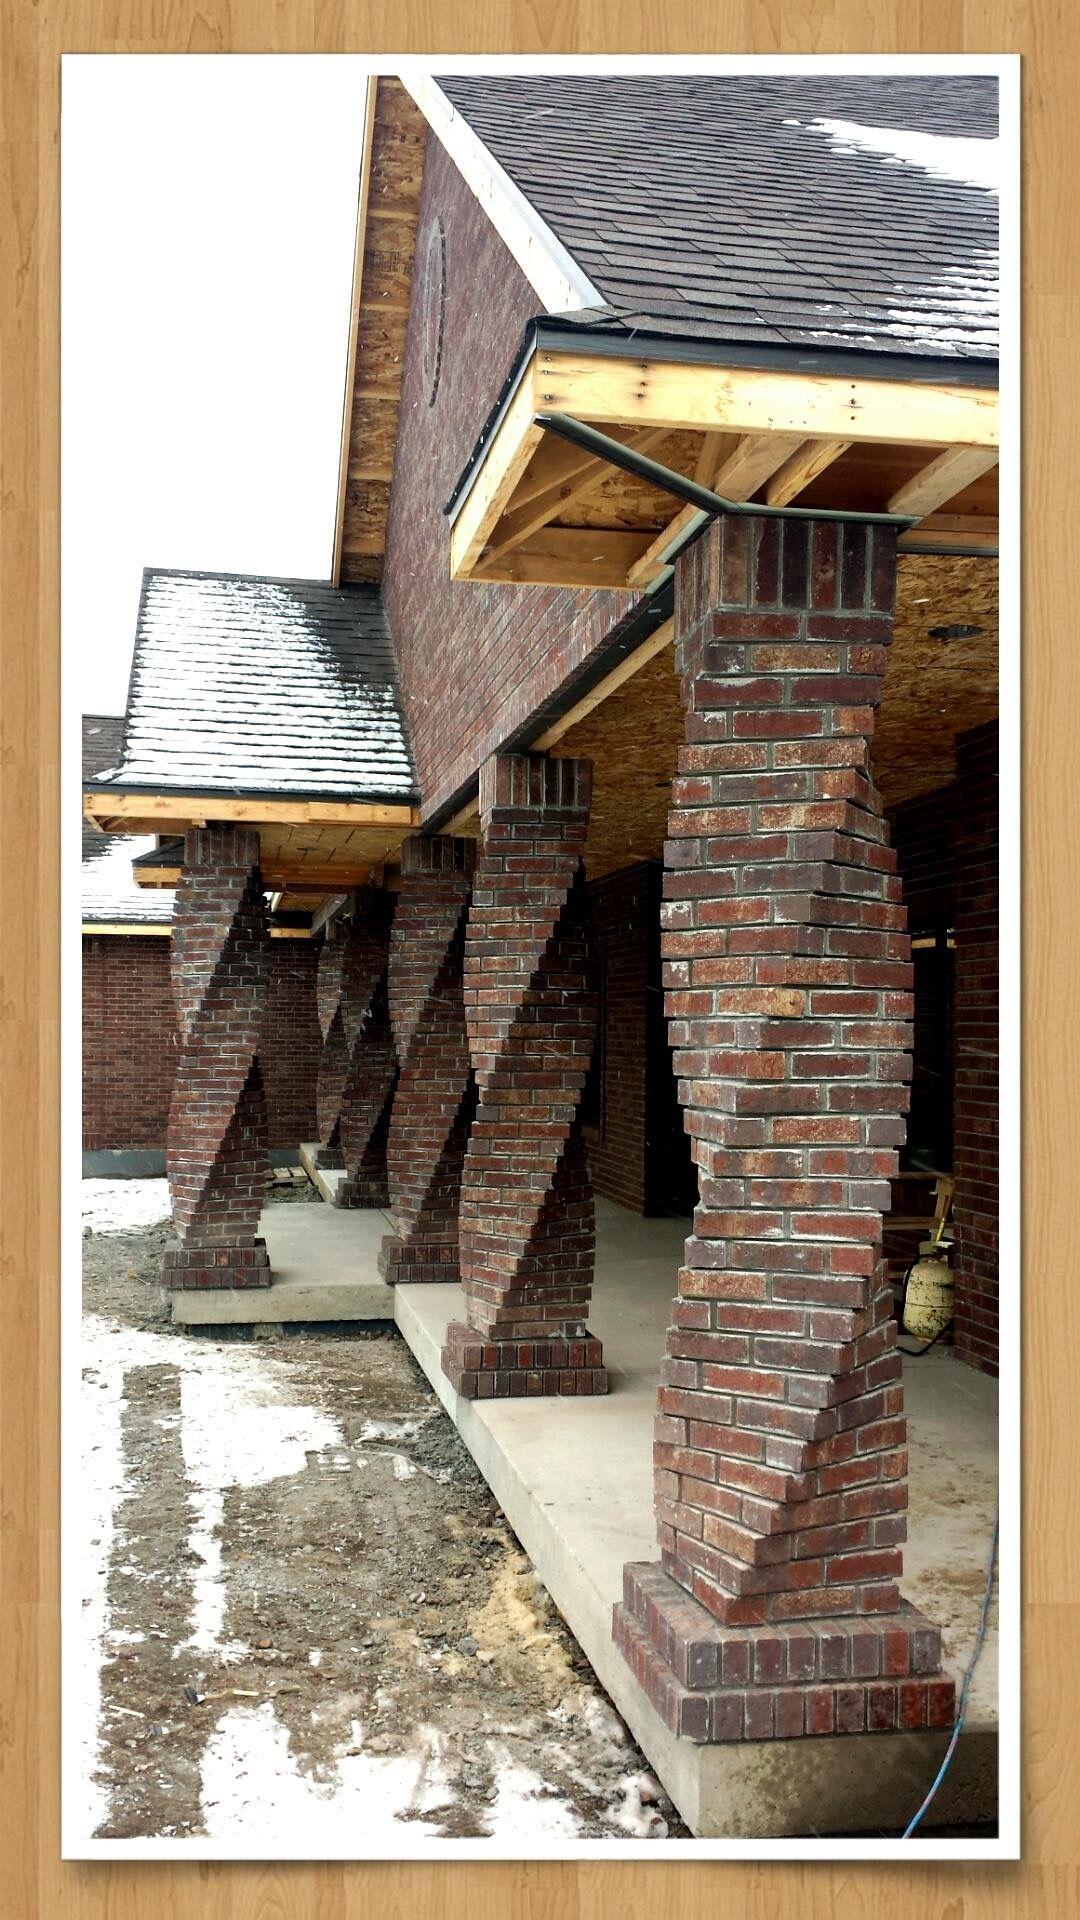 Twisted brick columns Home Ideas in 2019 Mauerwerk, Backstein, Ziegel ~ 18031254_Backstein Mauerwerk Brandschutz